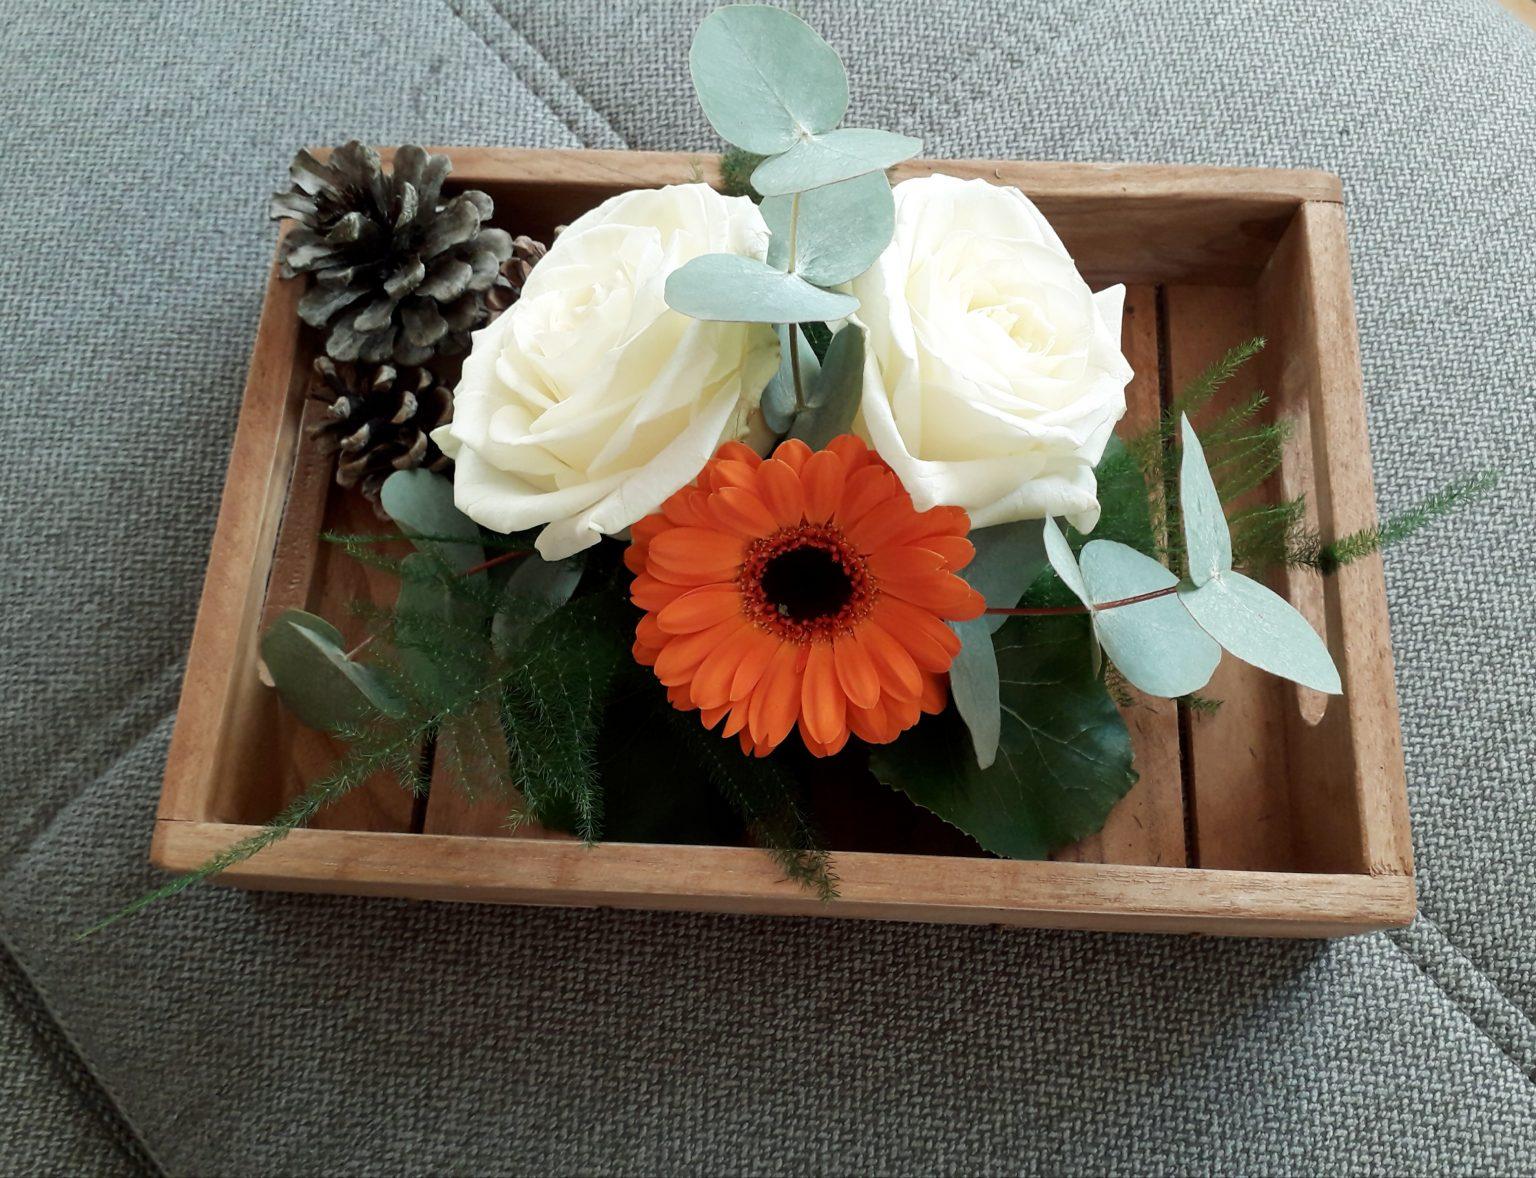 composition piquée de roses blanche avec du germini et du feuillage